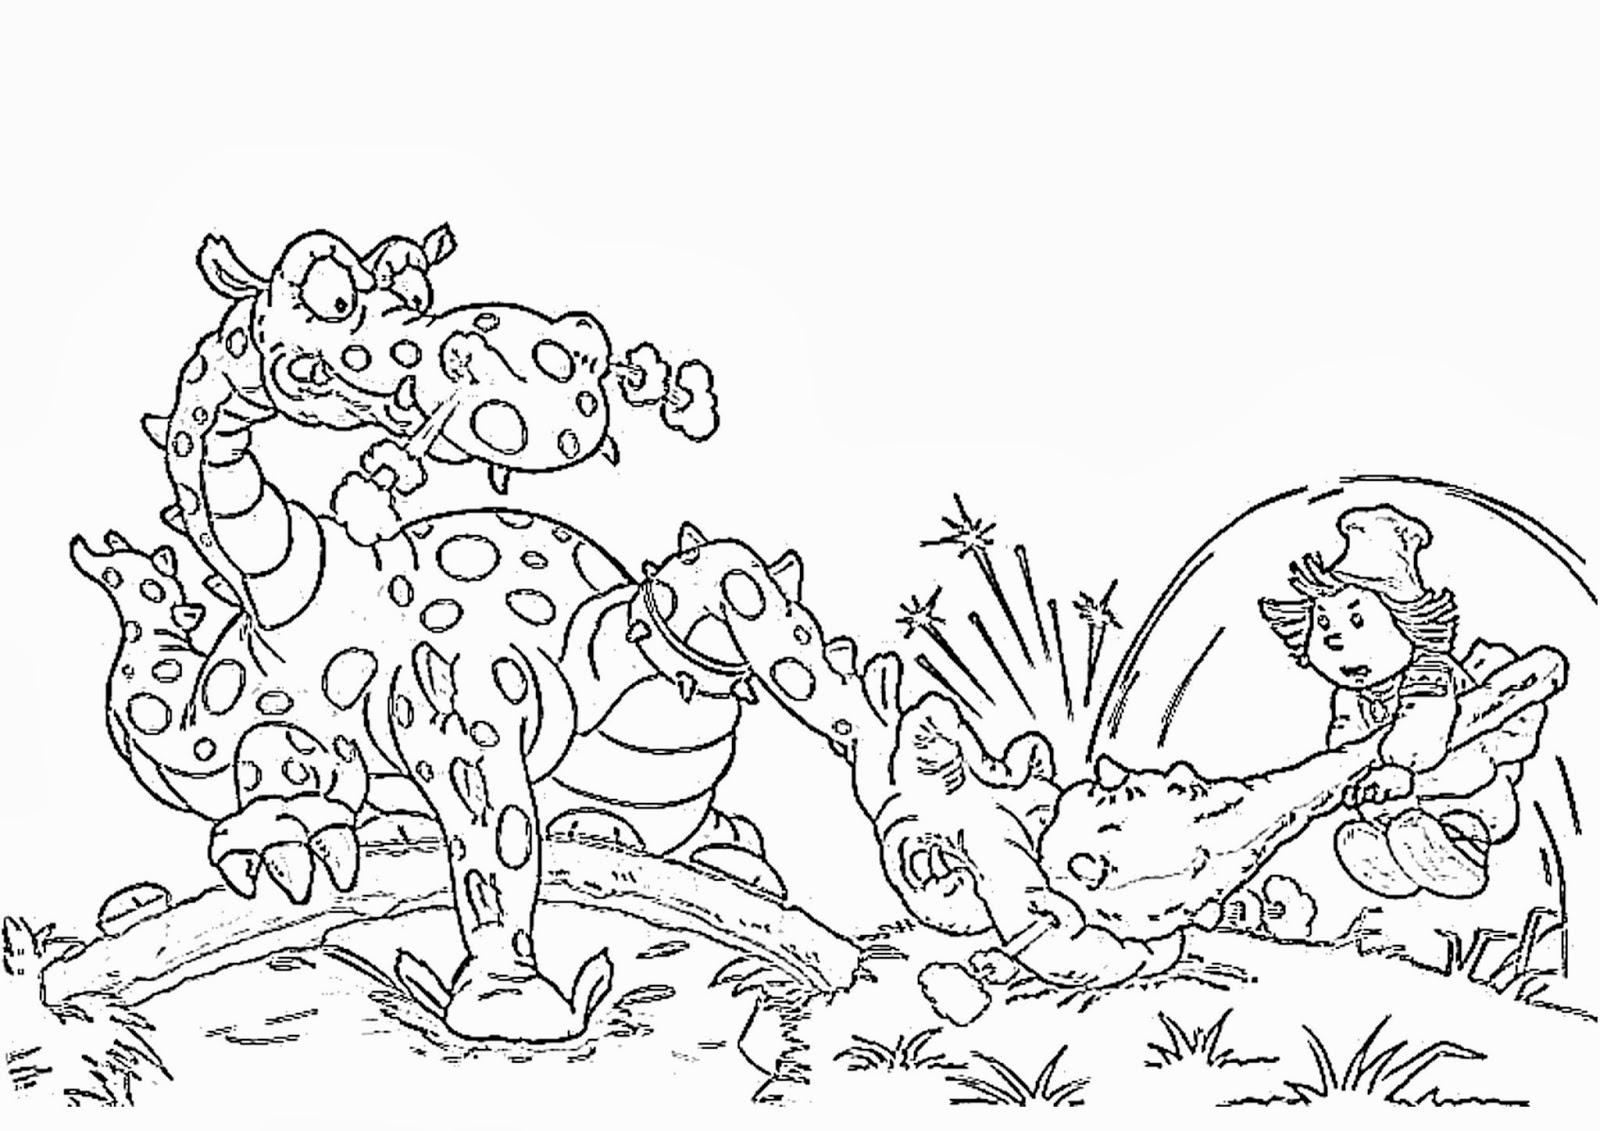 Розмальовки розмальовки Іван-селянський син і чудо-юдо іван і диво юдо, селянський син, розмальовки